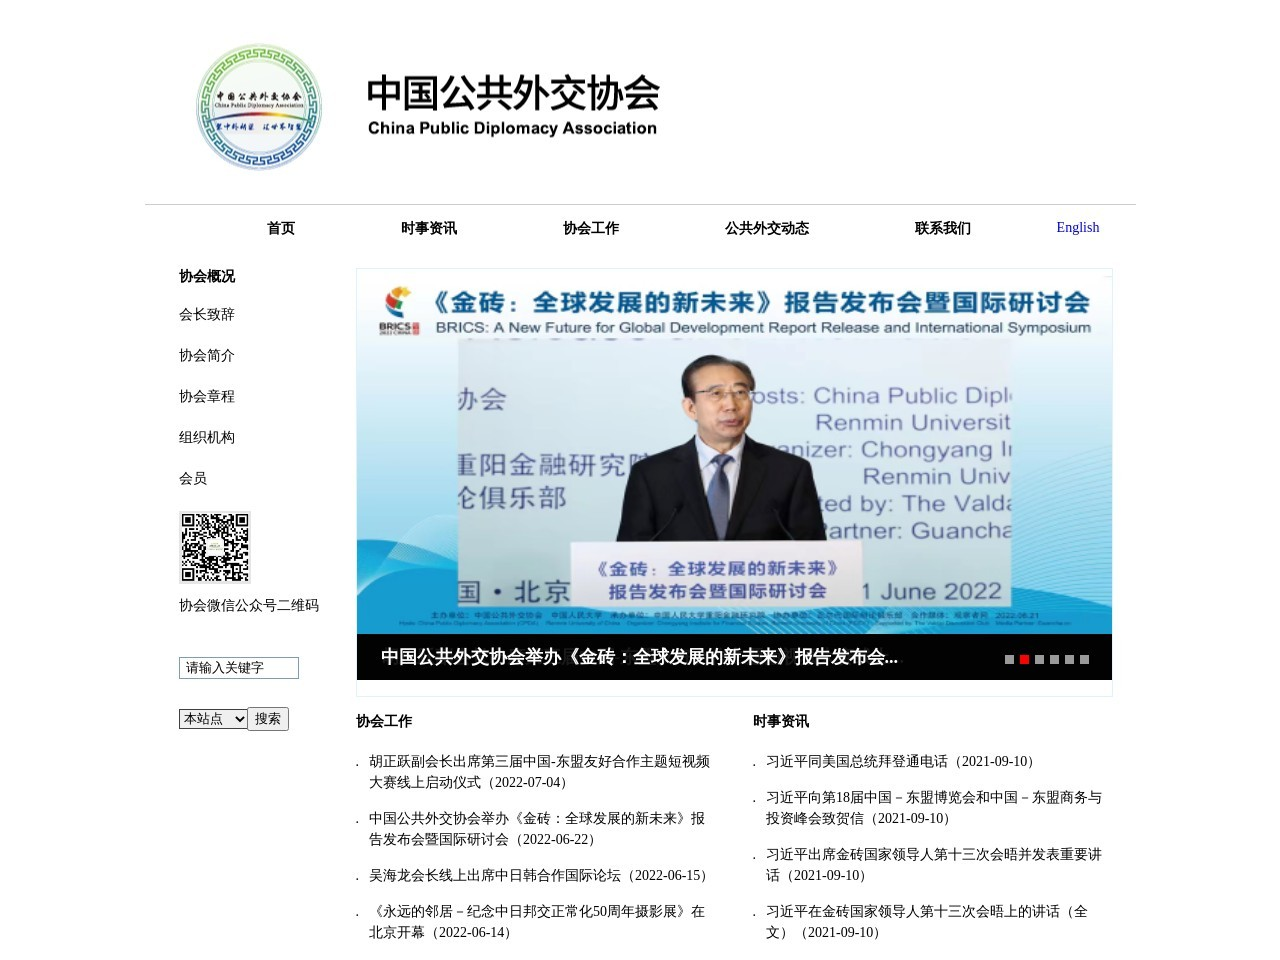 中国公共外交协会